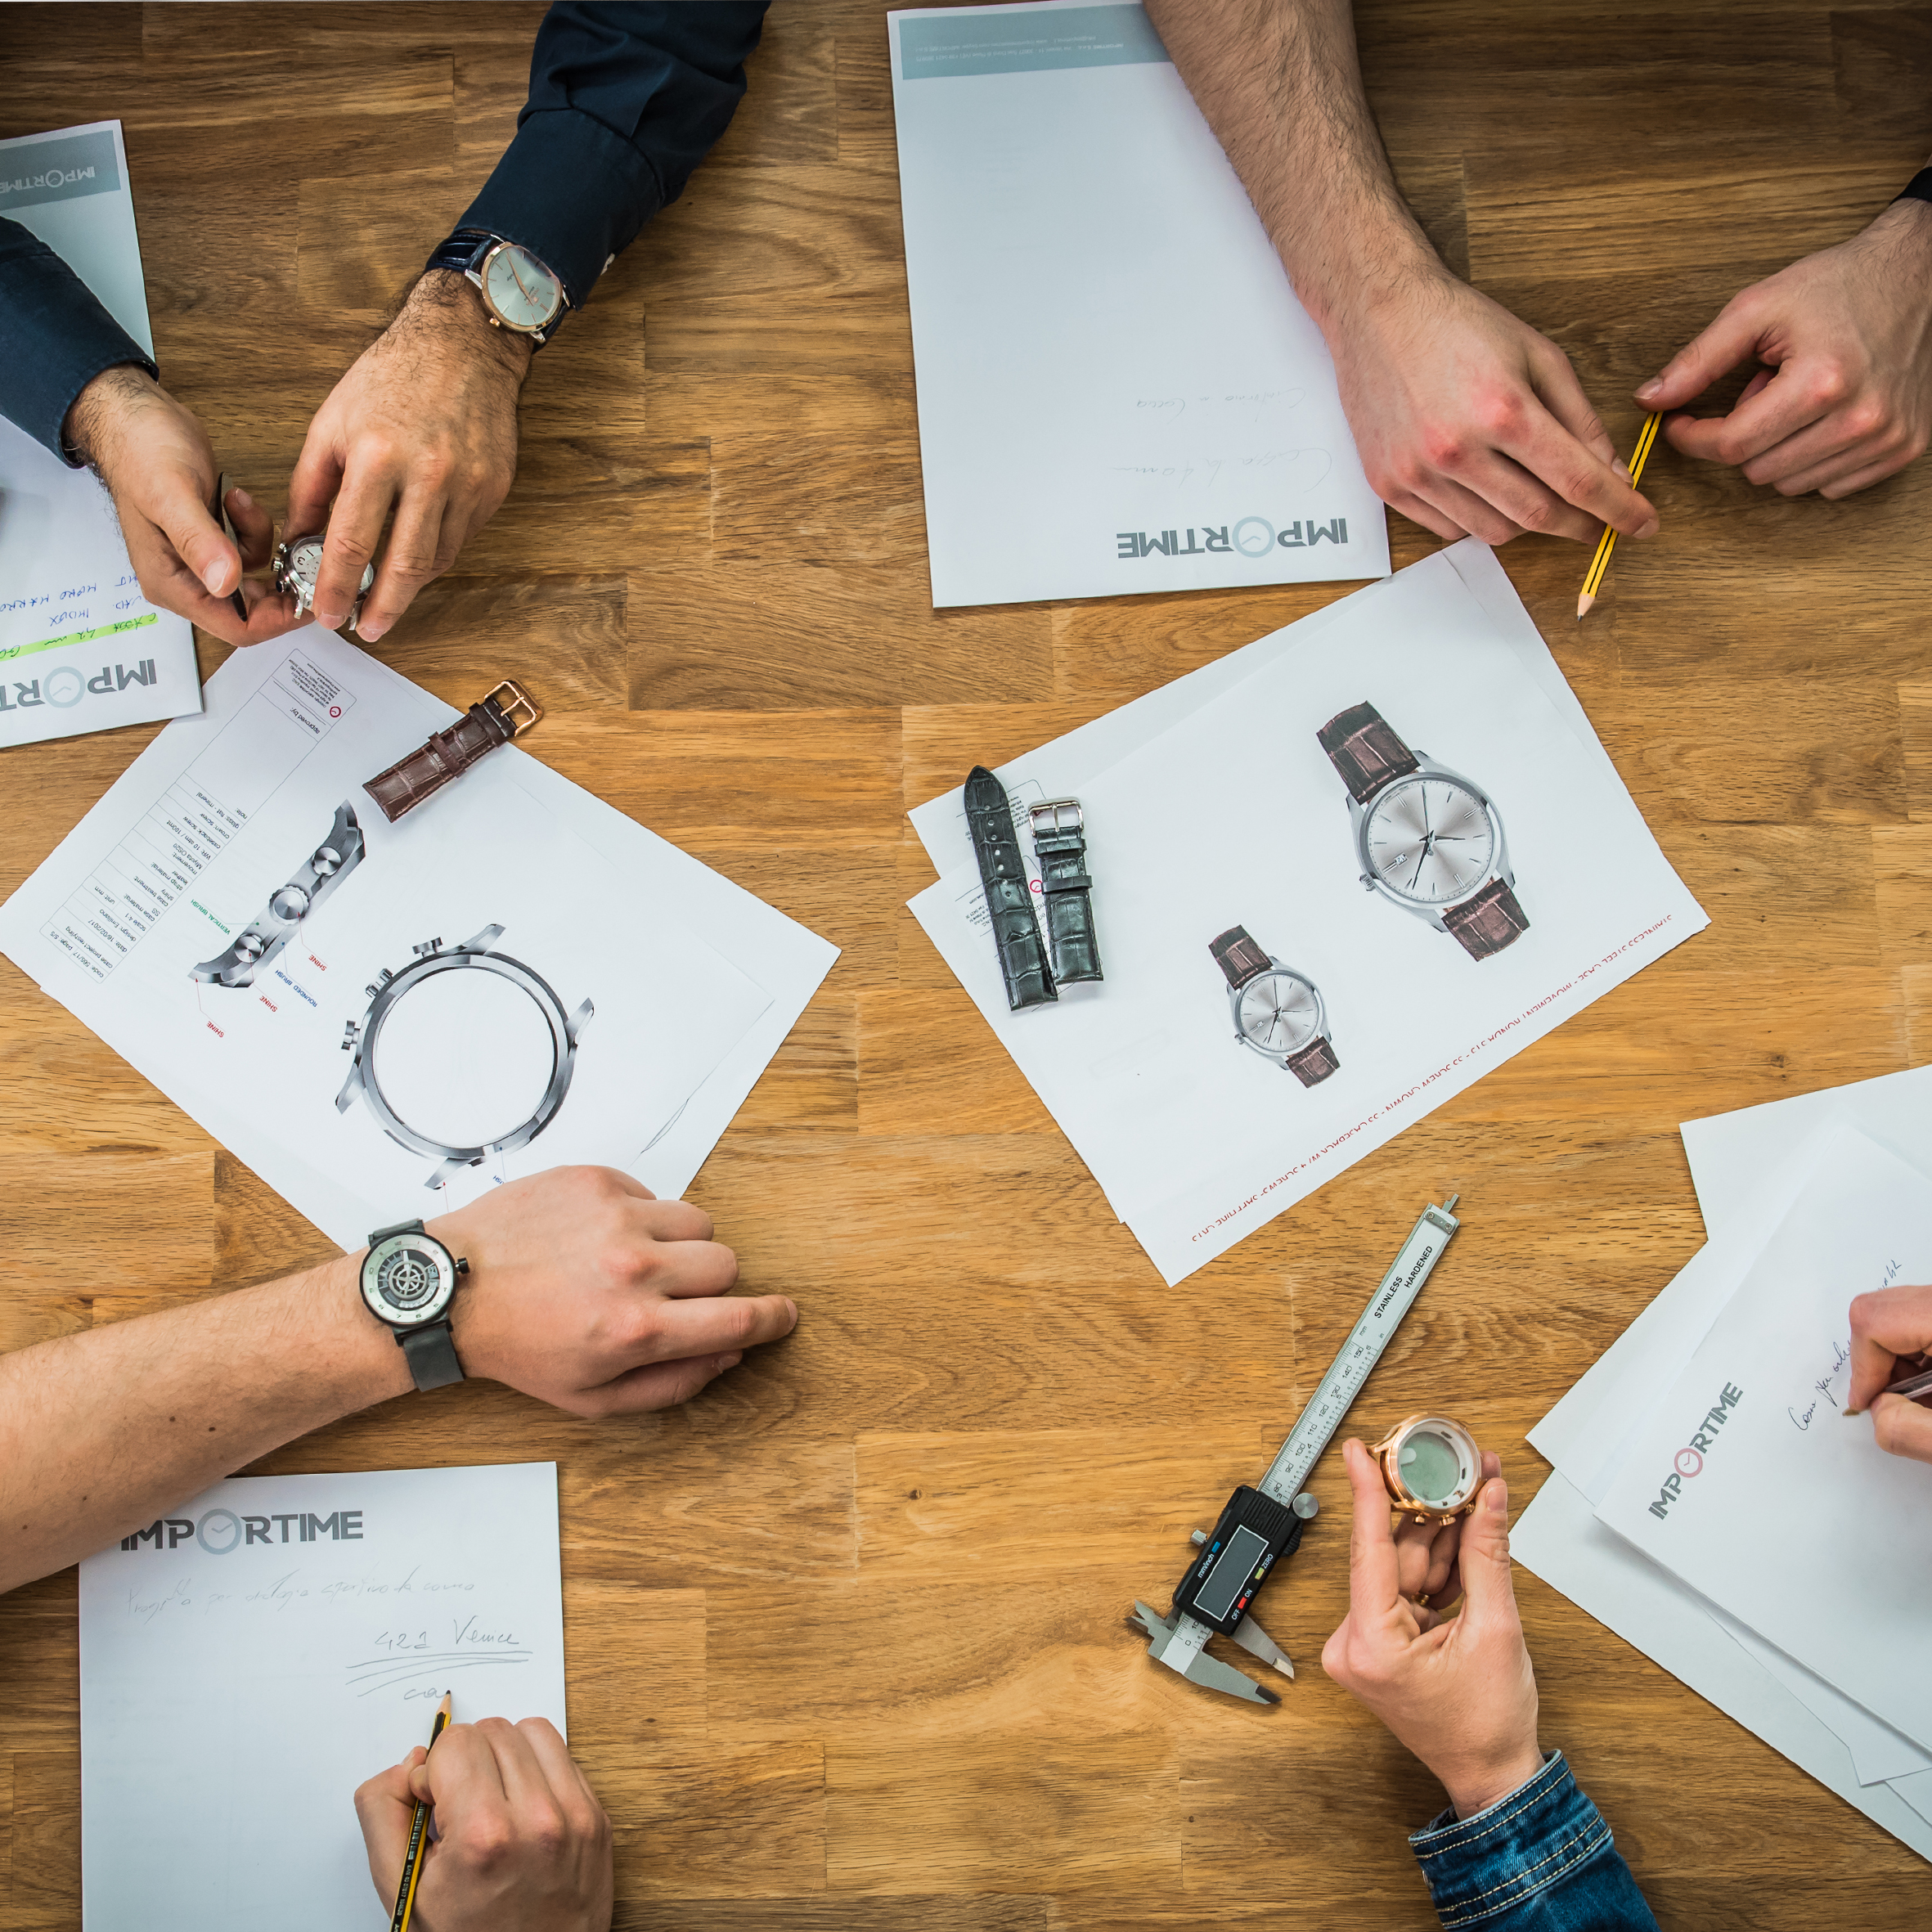 Produzione e personalizzazione orologi - Importime Watches